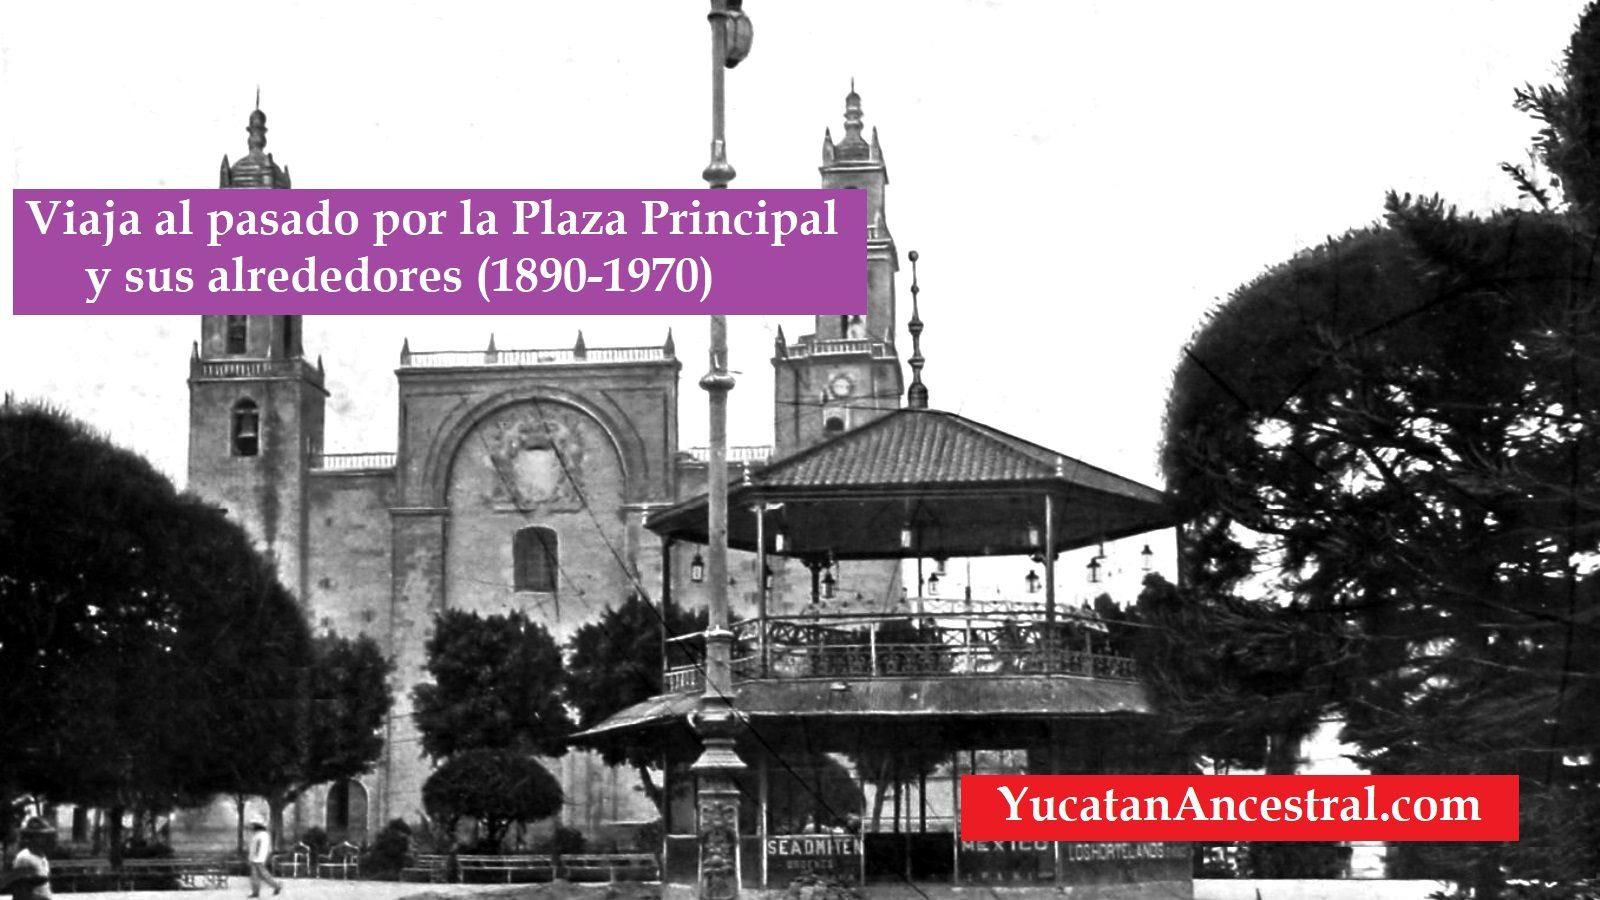 Viaje al pasado por la Plaza Principal de Mérida